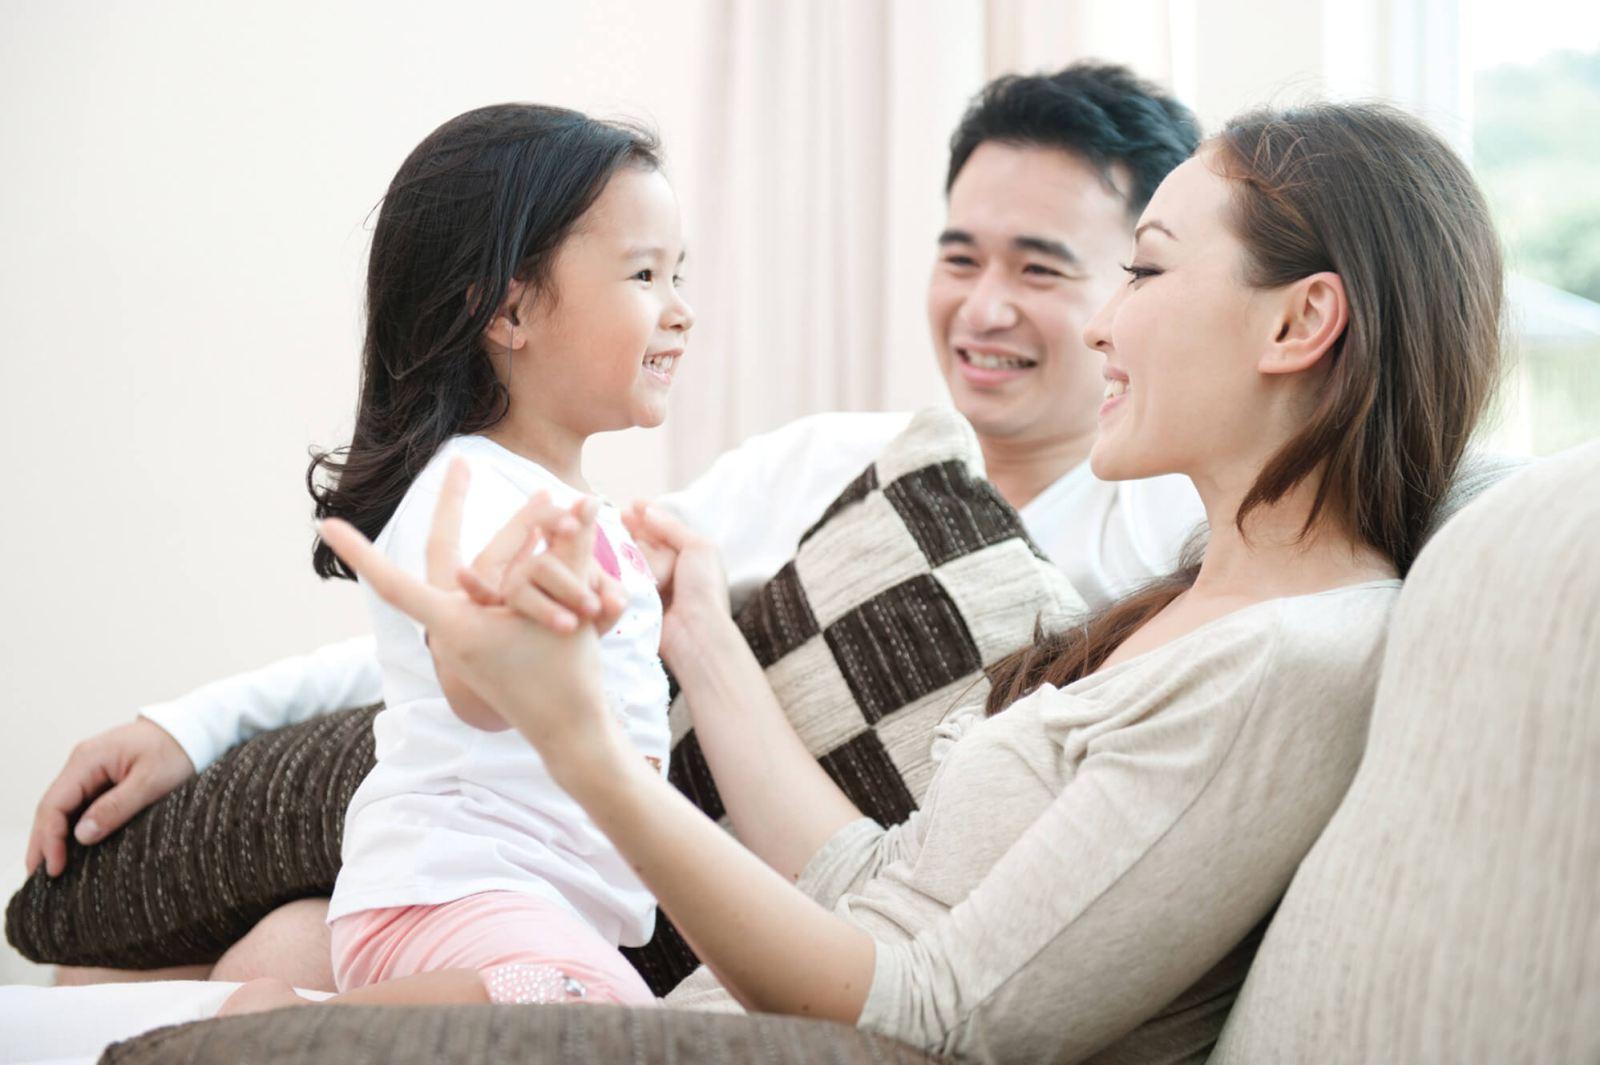 Luồng gió đồng đều mang đến giây phút thư giãn thoải mái cho cả gia đình